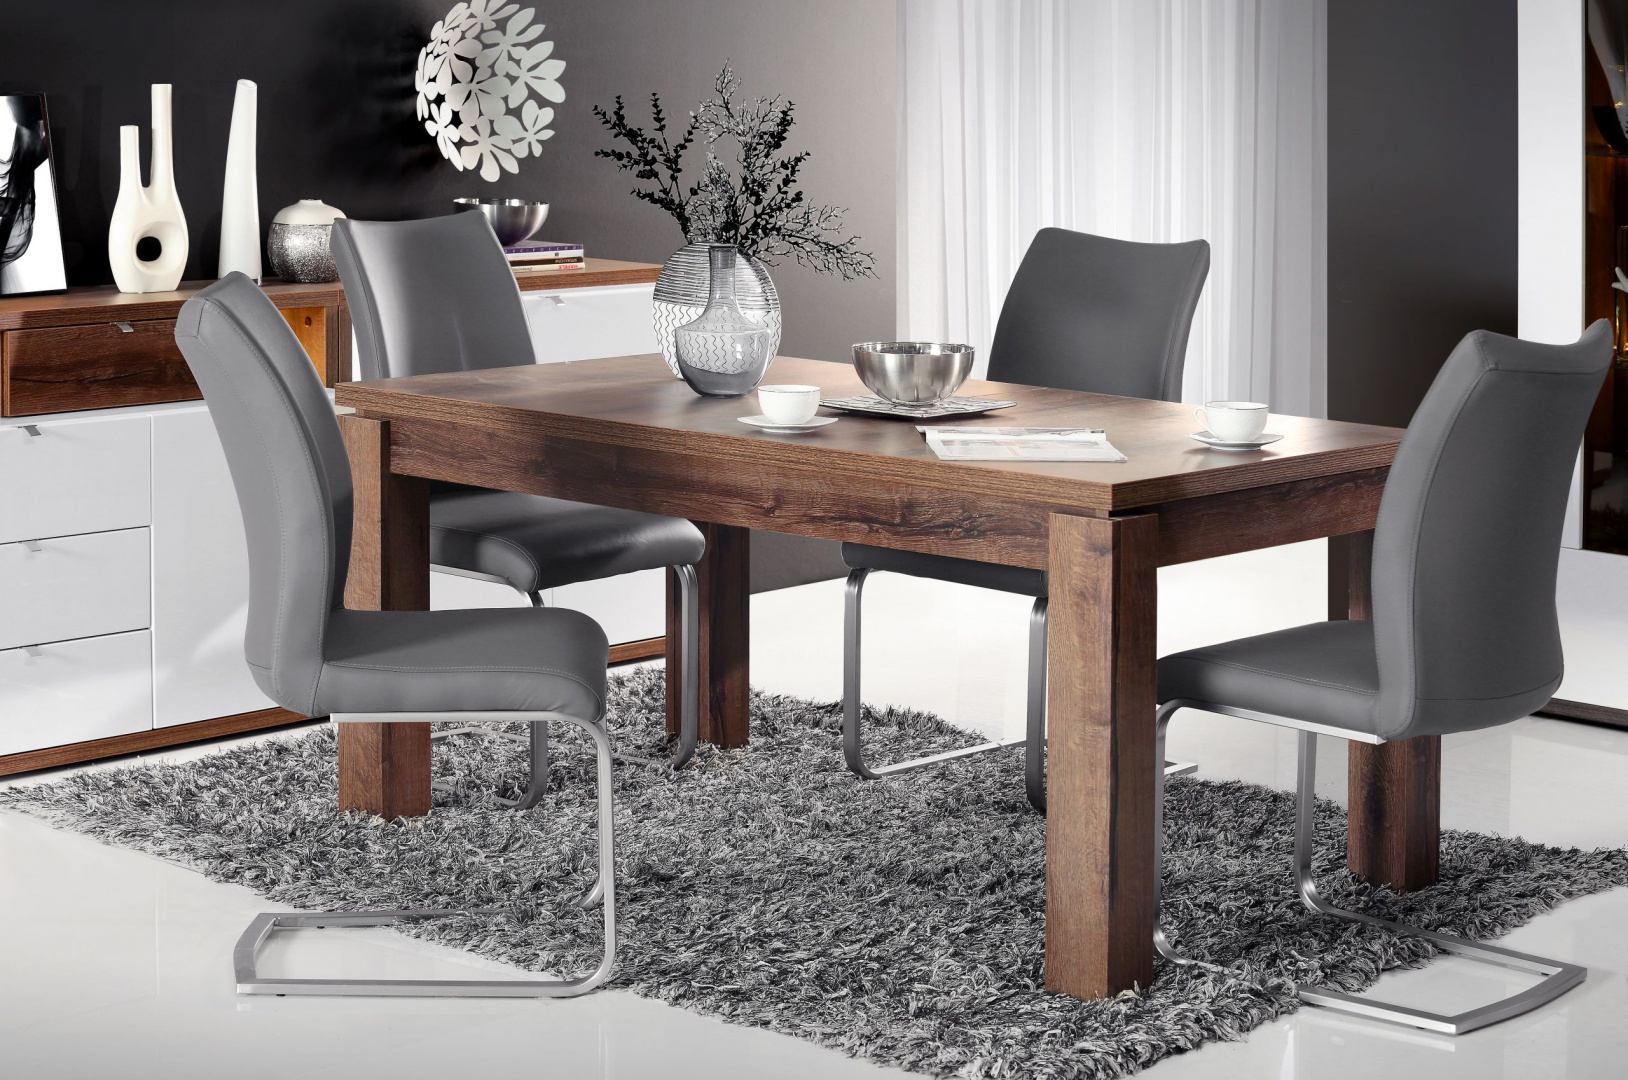 Nowoczesny stół do jadalni z kolekcji mebli Alcano Forte dostępny w dekorze Dąb Szlachetny. Zastosowana do wykończenia stołu okleina doskonale imituje usłojenie i strukturę drewna. Blat stołu można rozłożyć do szerokości 207 cm. 849 zł. Fot. Forte